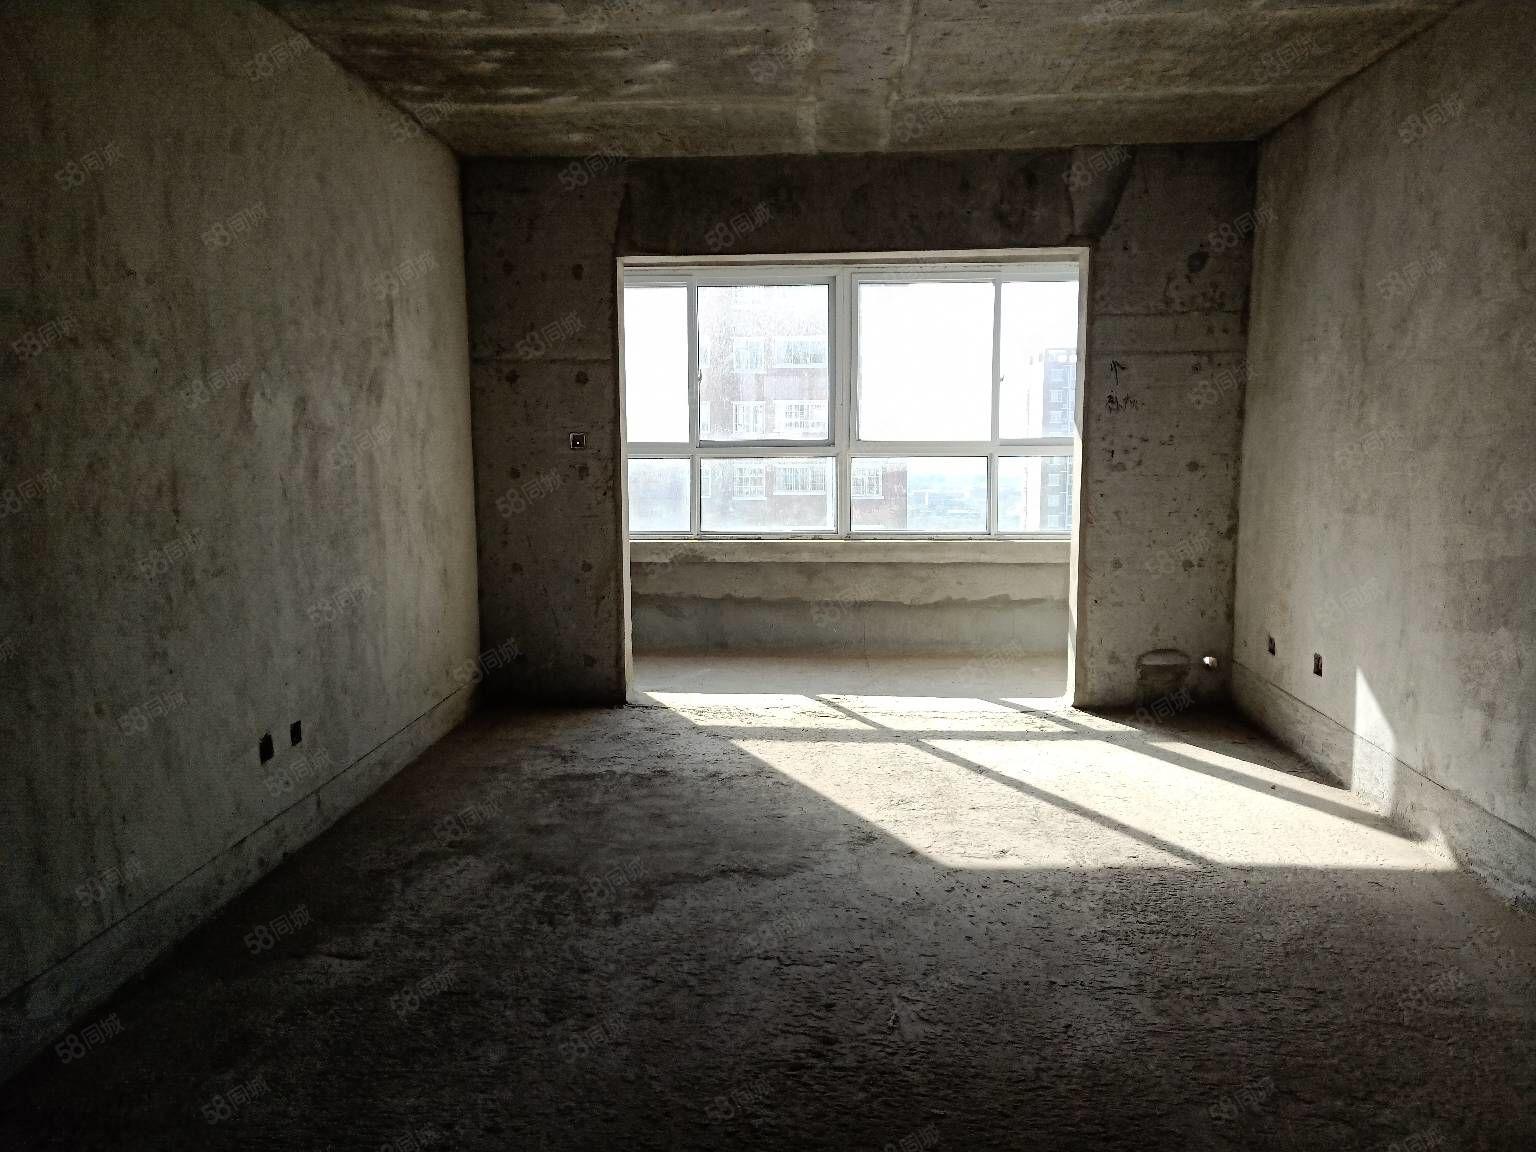 東區小學學區房,三室兩廳兩衛可按揭,高層帶電梯